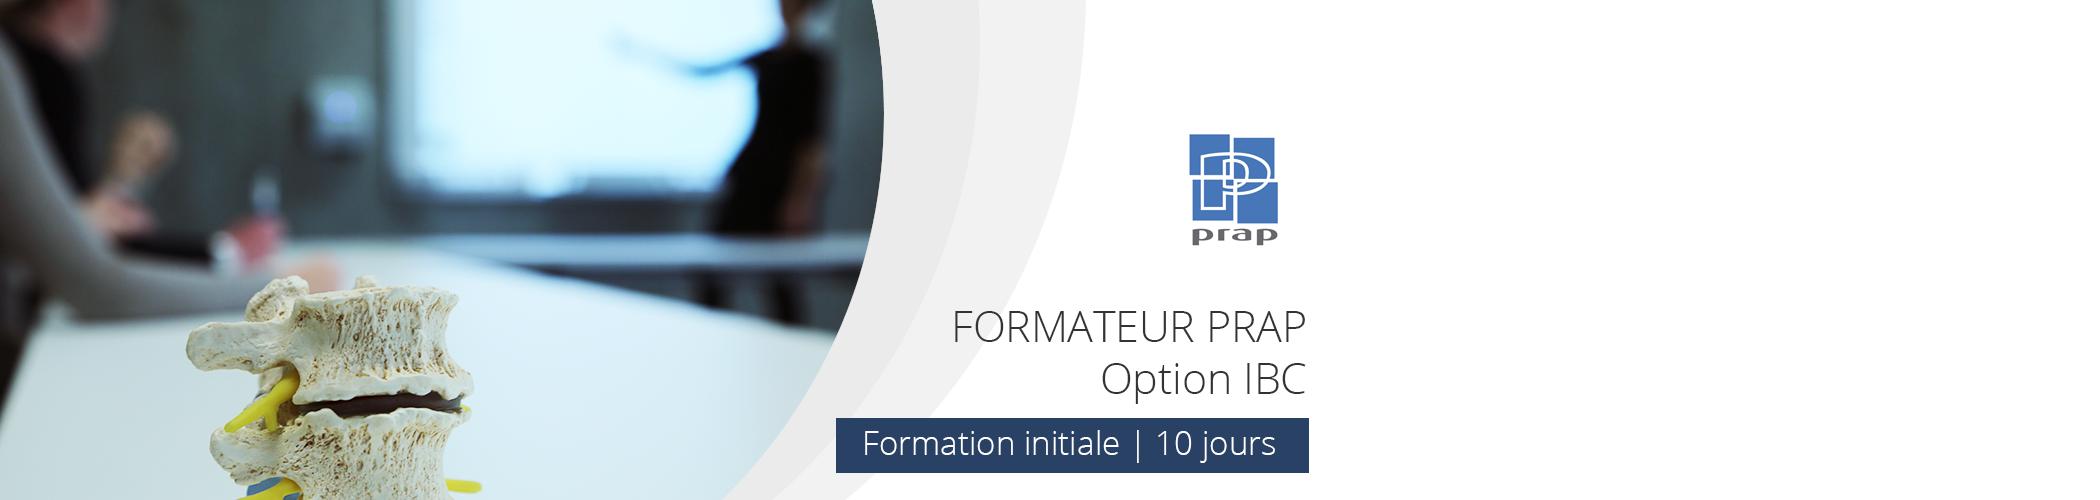 Inter-entreprises - Formation initiale Formateur PRAP IBC en Juin et juillet 2016 à Paris